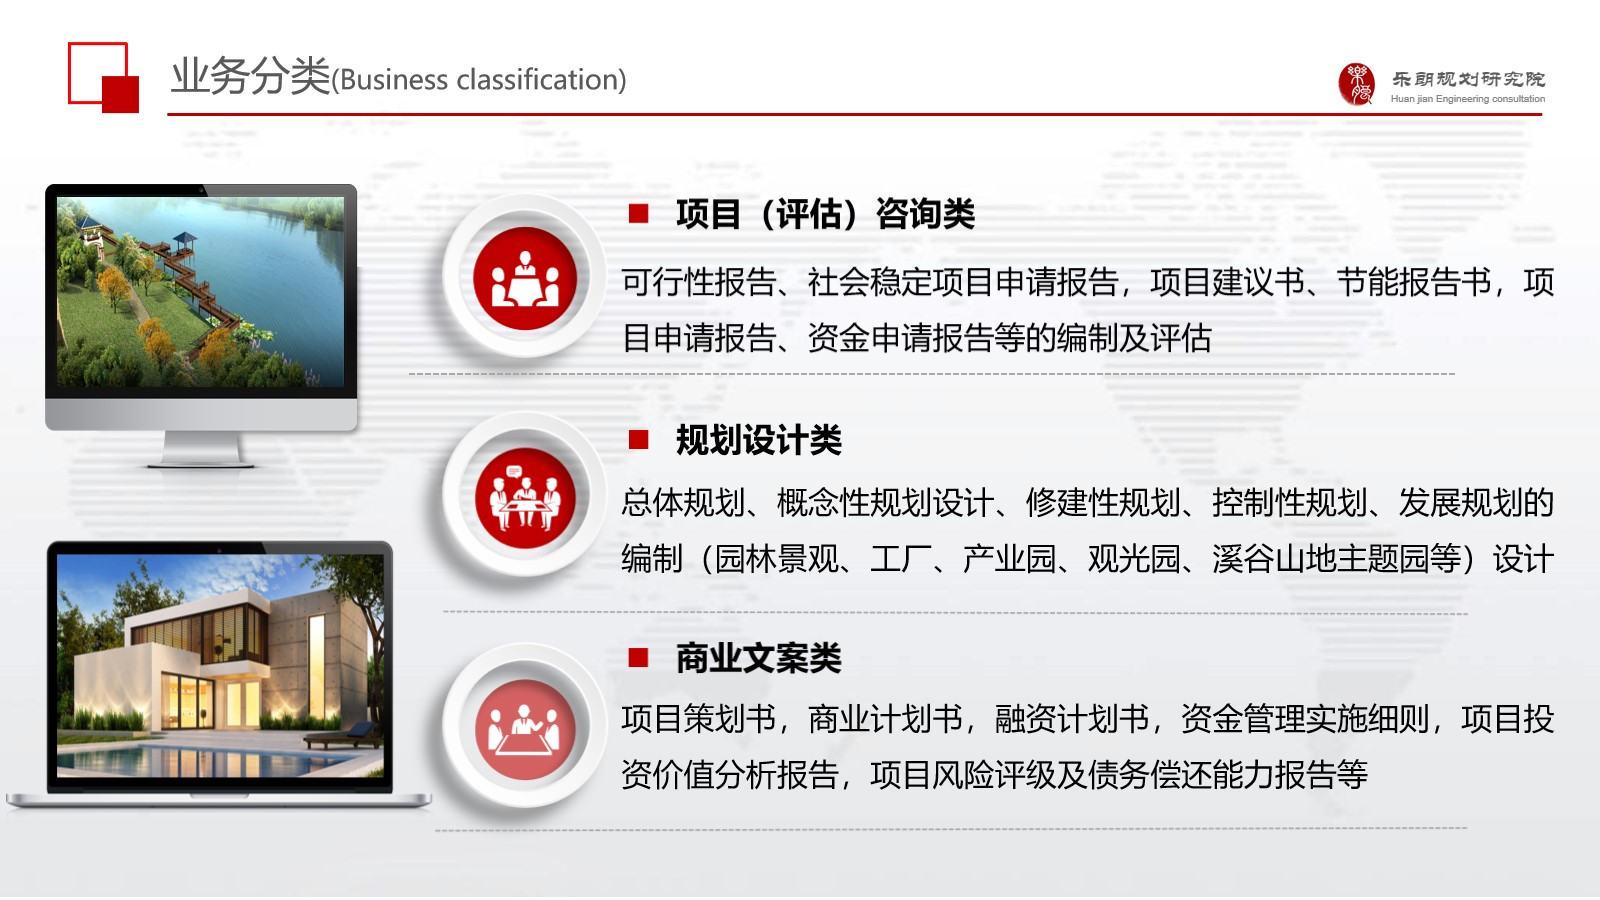 宁陵县做农业园区规划的公司写可研报告